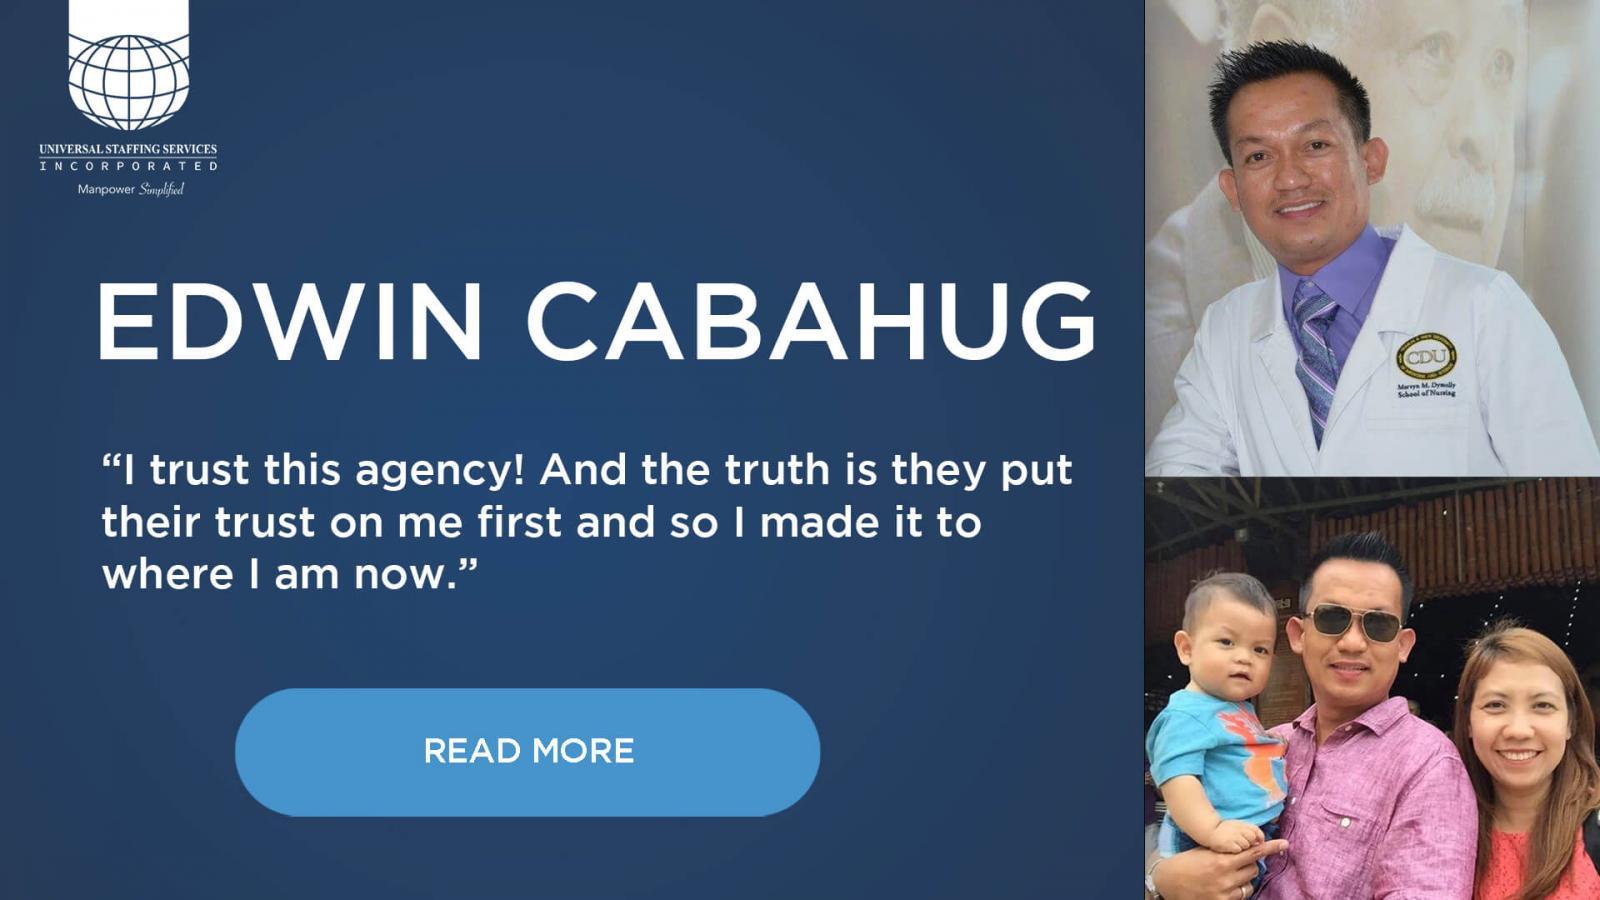 Edwin Cabahug